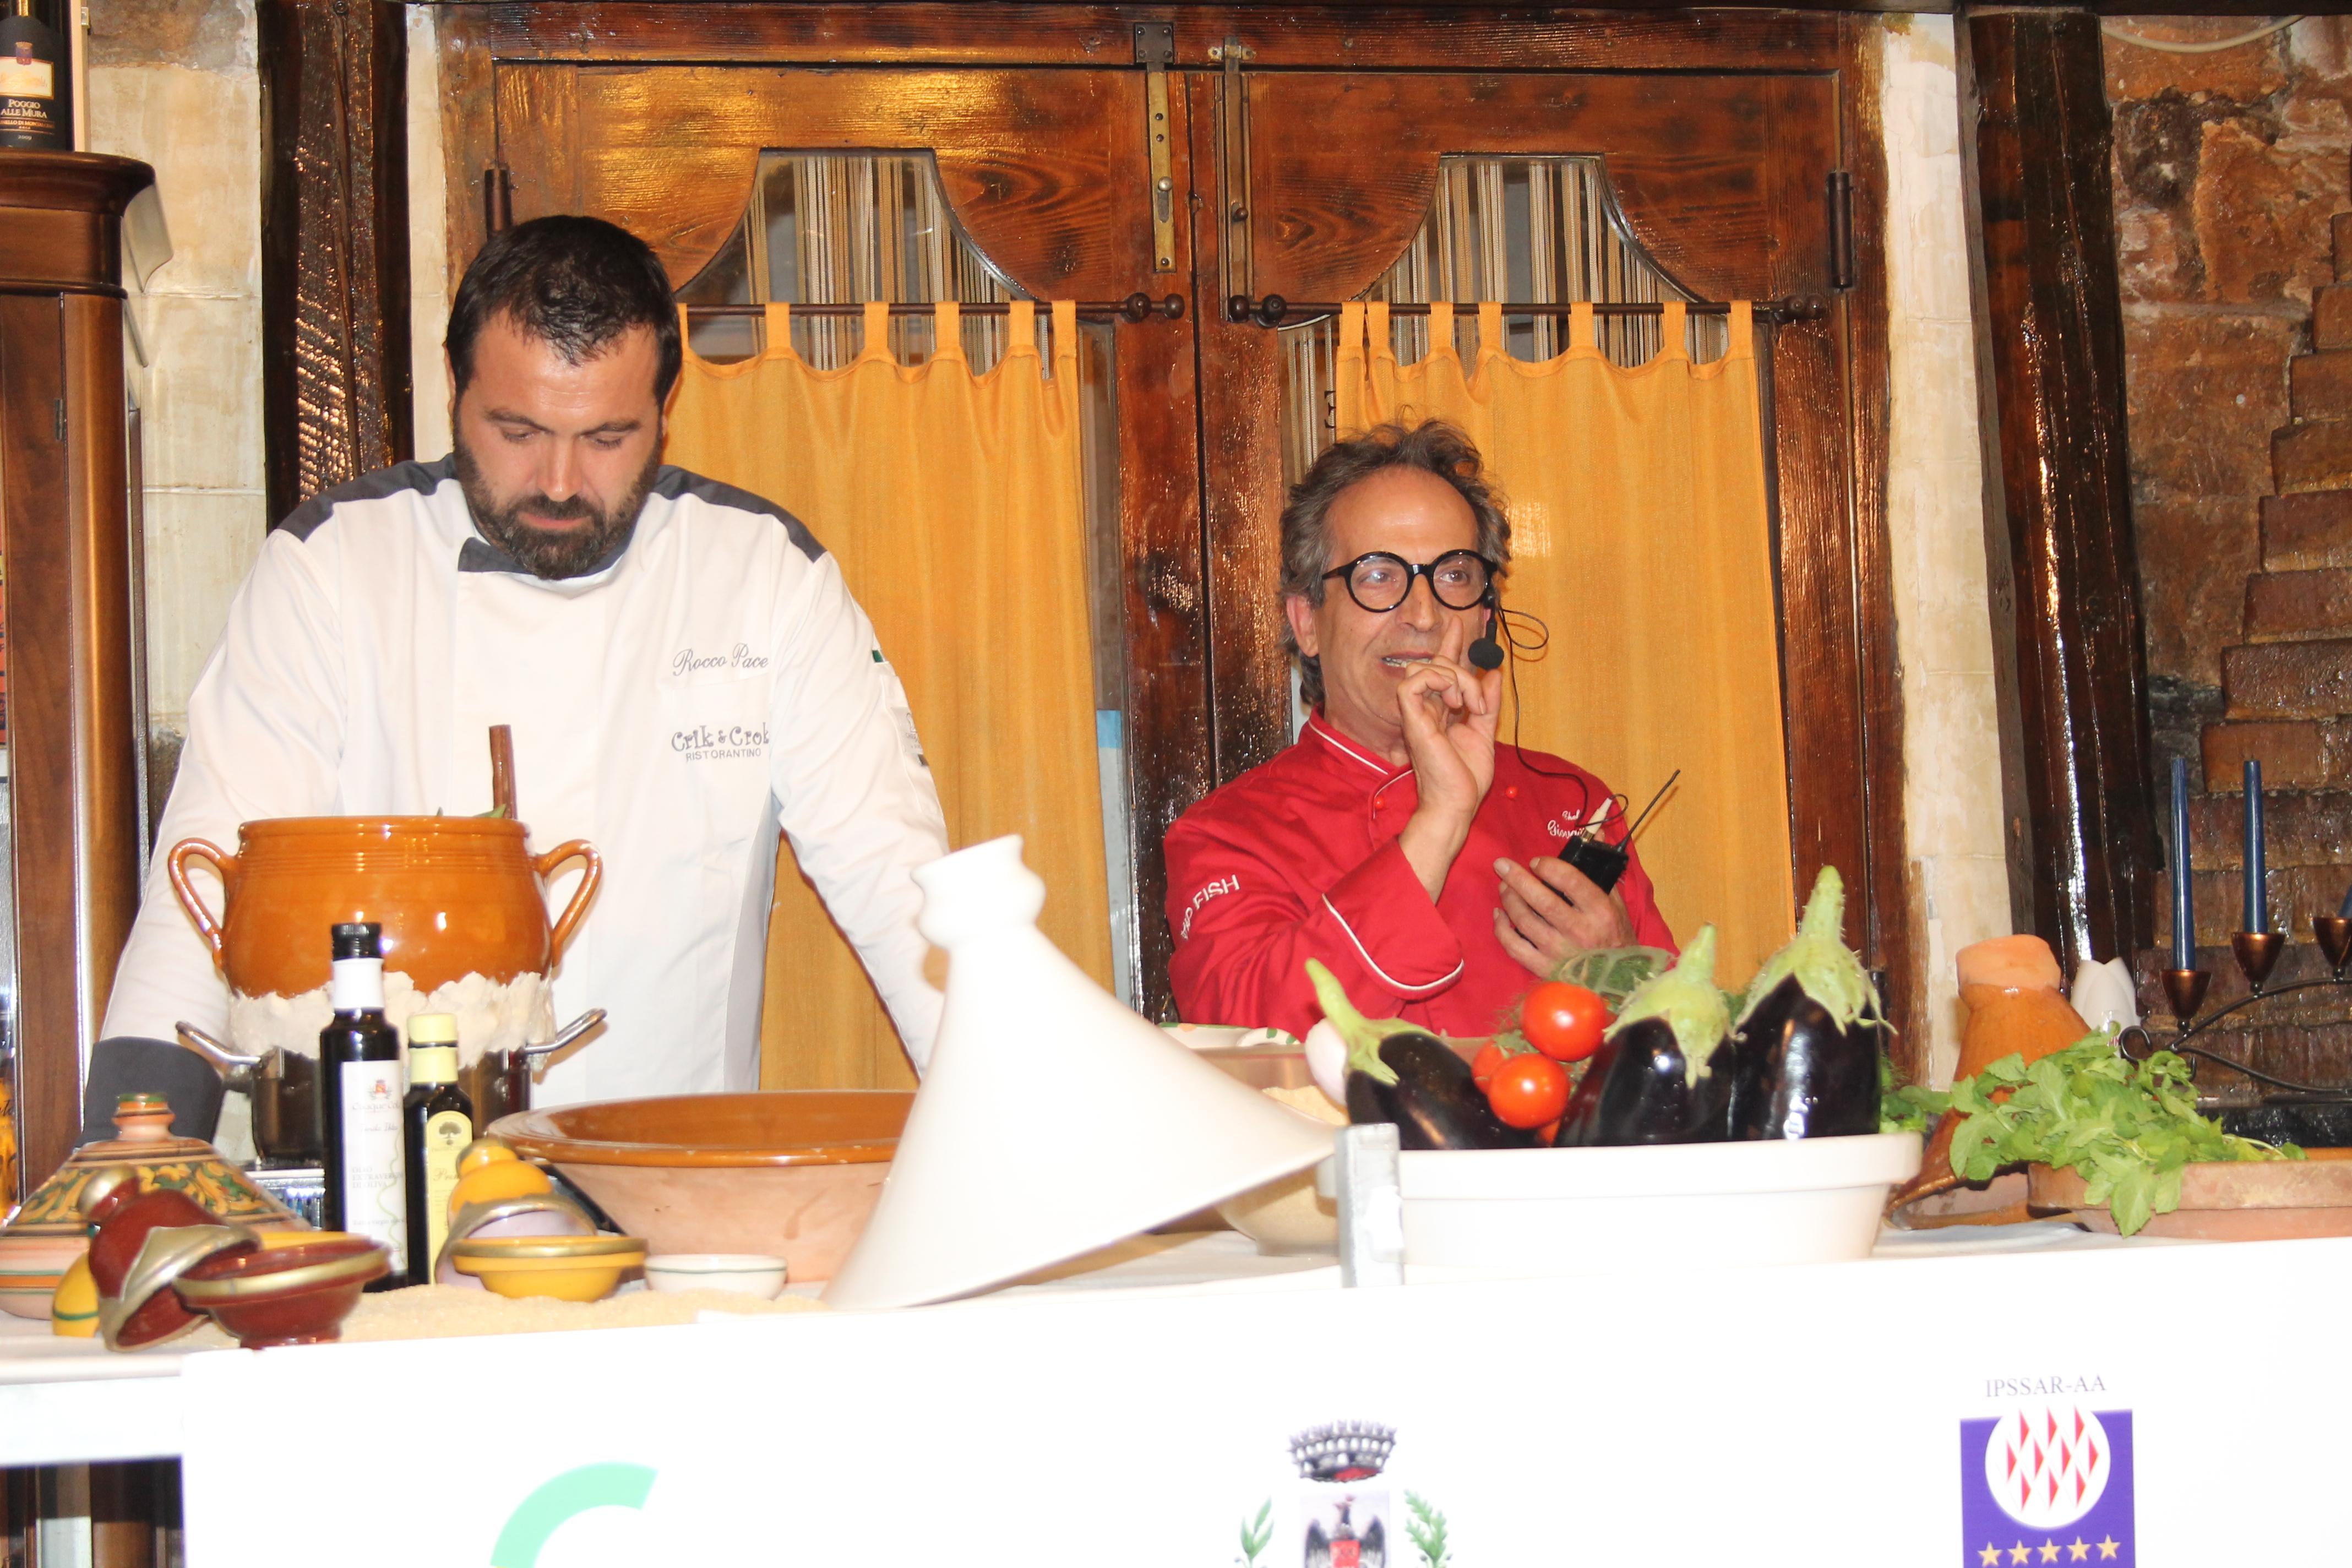 Lab del gusto terra matta mol levante e ponente si sono incontrati a tavola consorzio - San vito a tavola ...